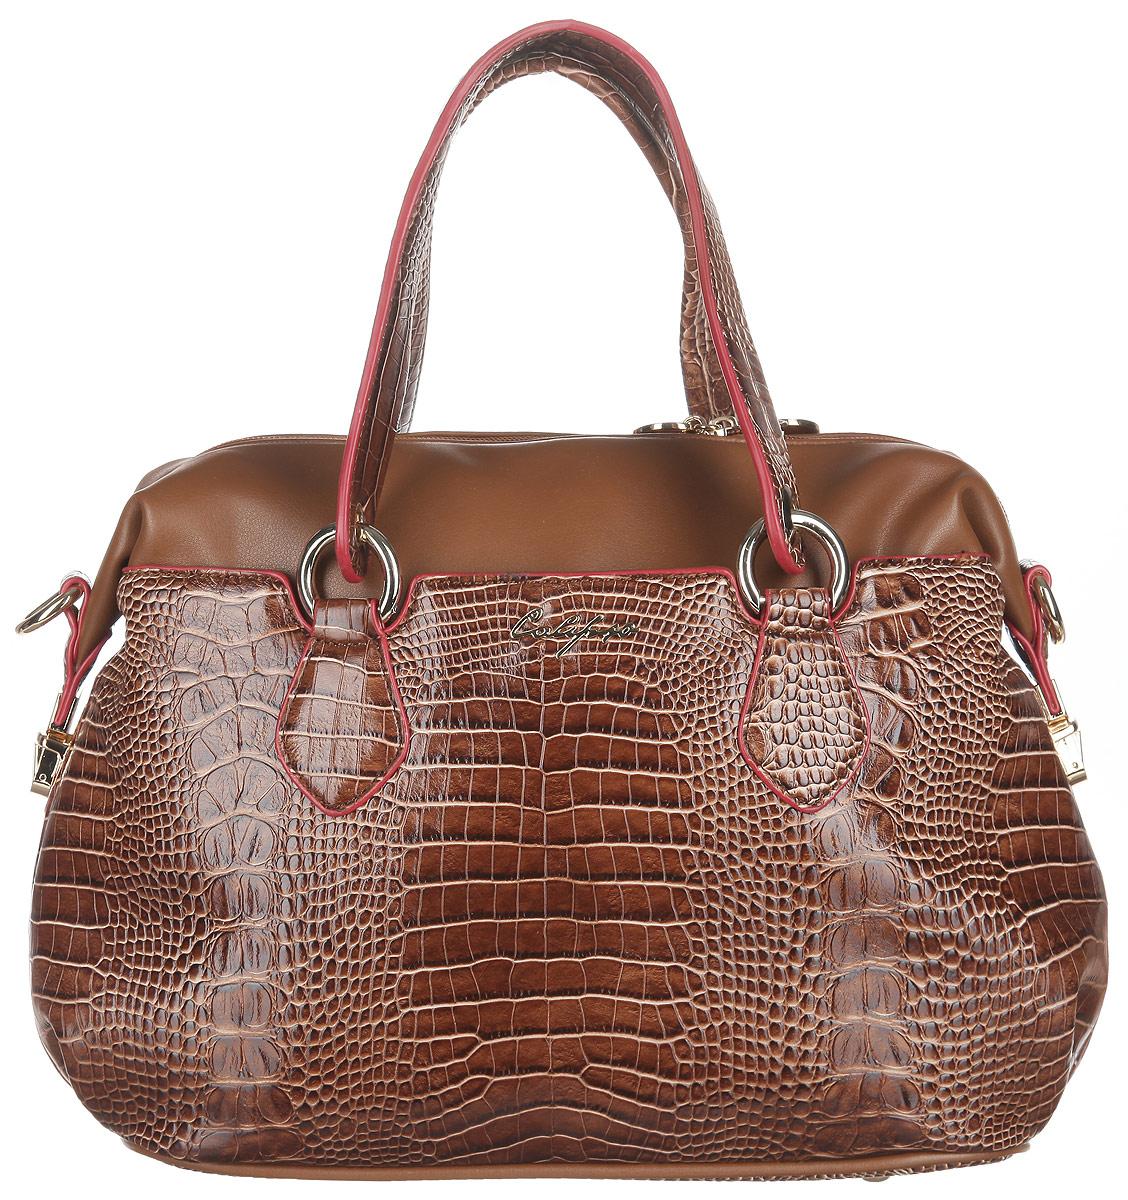 Сумка женская Calipso, цвет: коричневый. 448-021286-231967-637T-17s-01-42Стильная женская сумка Calipso выполнена из искусственной кожи. Модель оформлена тиснением под крокодила, перфорированными вставками и символикой бренда.Изделие состоит из одного основного отделения, закрывающегося на пластиковую застежку-молнию. Внутри карман-средник на молнии, два нашивных кармана для мелочей и врезной карман на молнии, а также предусмотрен ремешок с кольцом для ключей. Снаружи по обеим сторонам сумки расположены прорезные карманы, каждый из которых закрывается на магнитную кнопку. Верхние боковые углы сумки фиксируются на замки-защелки. Дно сумки дополнено металлическими ножками, что предотвращает повреждение изделия.Сумка оснащена двумя удобными ручками с металлическими кольцами у основания и съемным плечевым ремнем, регулируемой длины.Прилагается фирменный текстильный чехол для хранения.Сумка - это стильный аксессуар, который сделает ваш образ изысканным и завершенным. Классические формы и оригинальное оформление сумки Calipso подчеркнет ваше отменное чувство стиля.